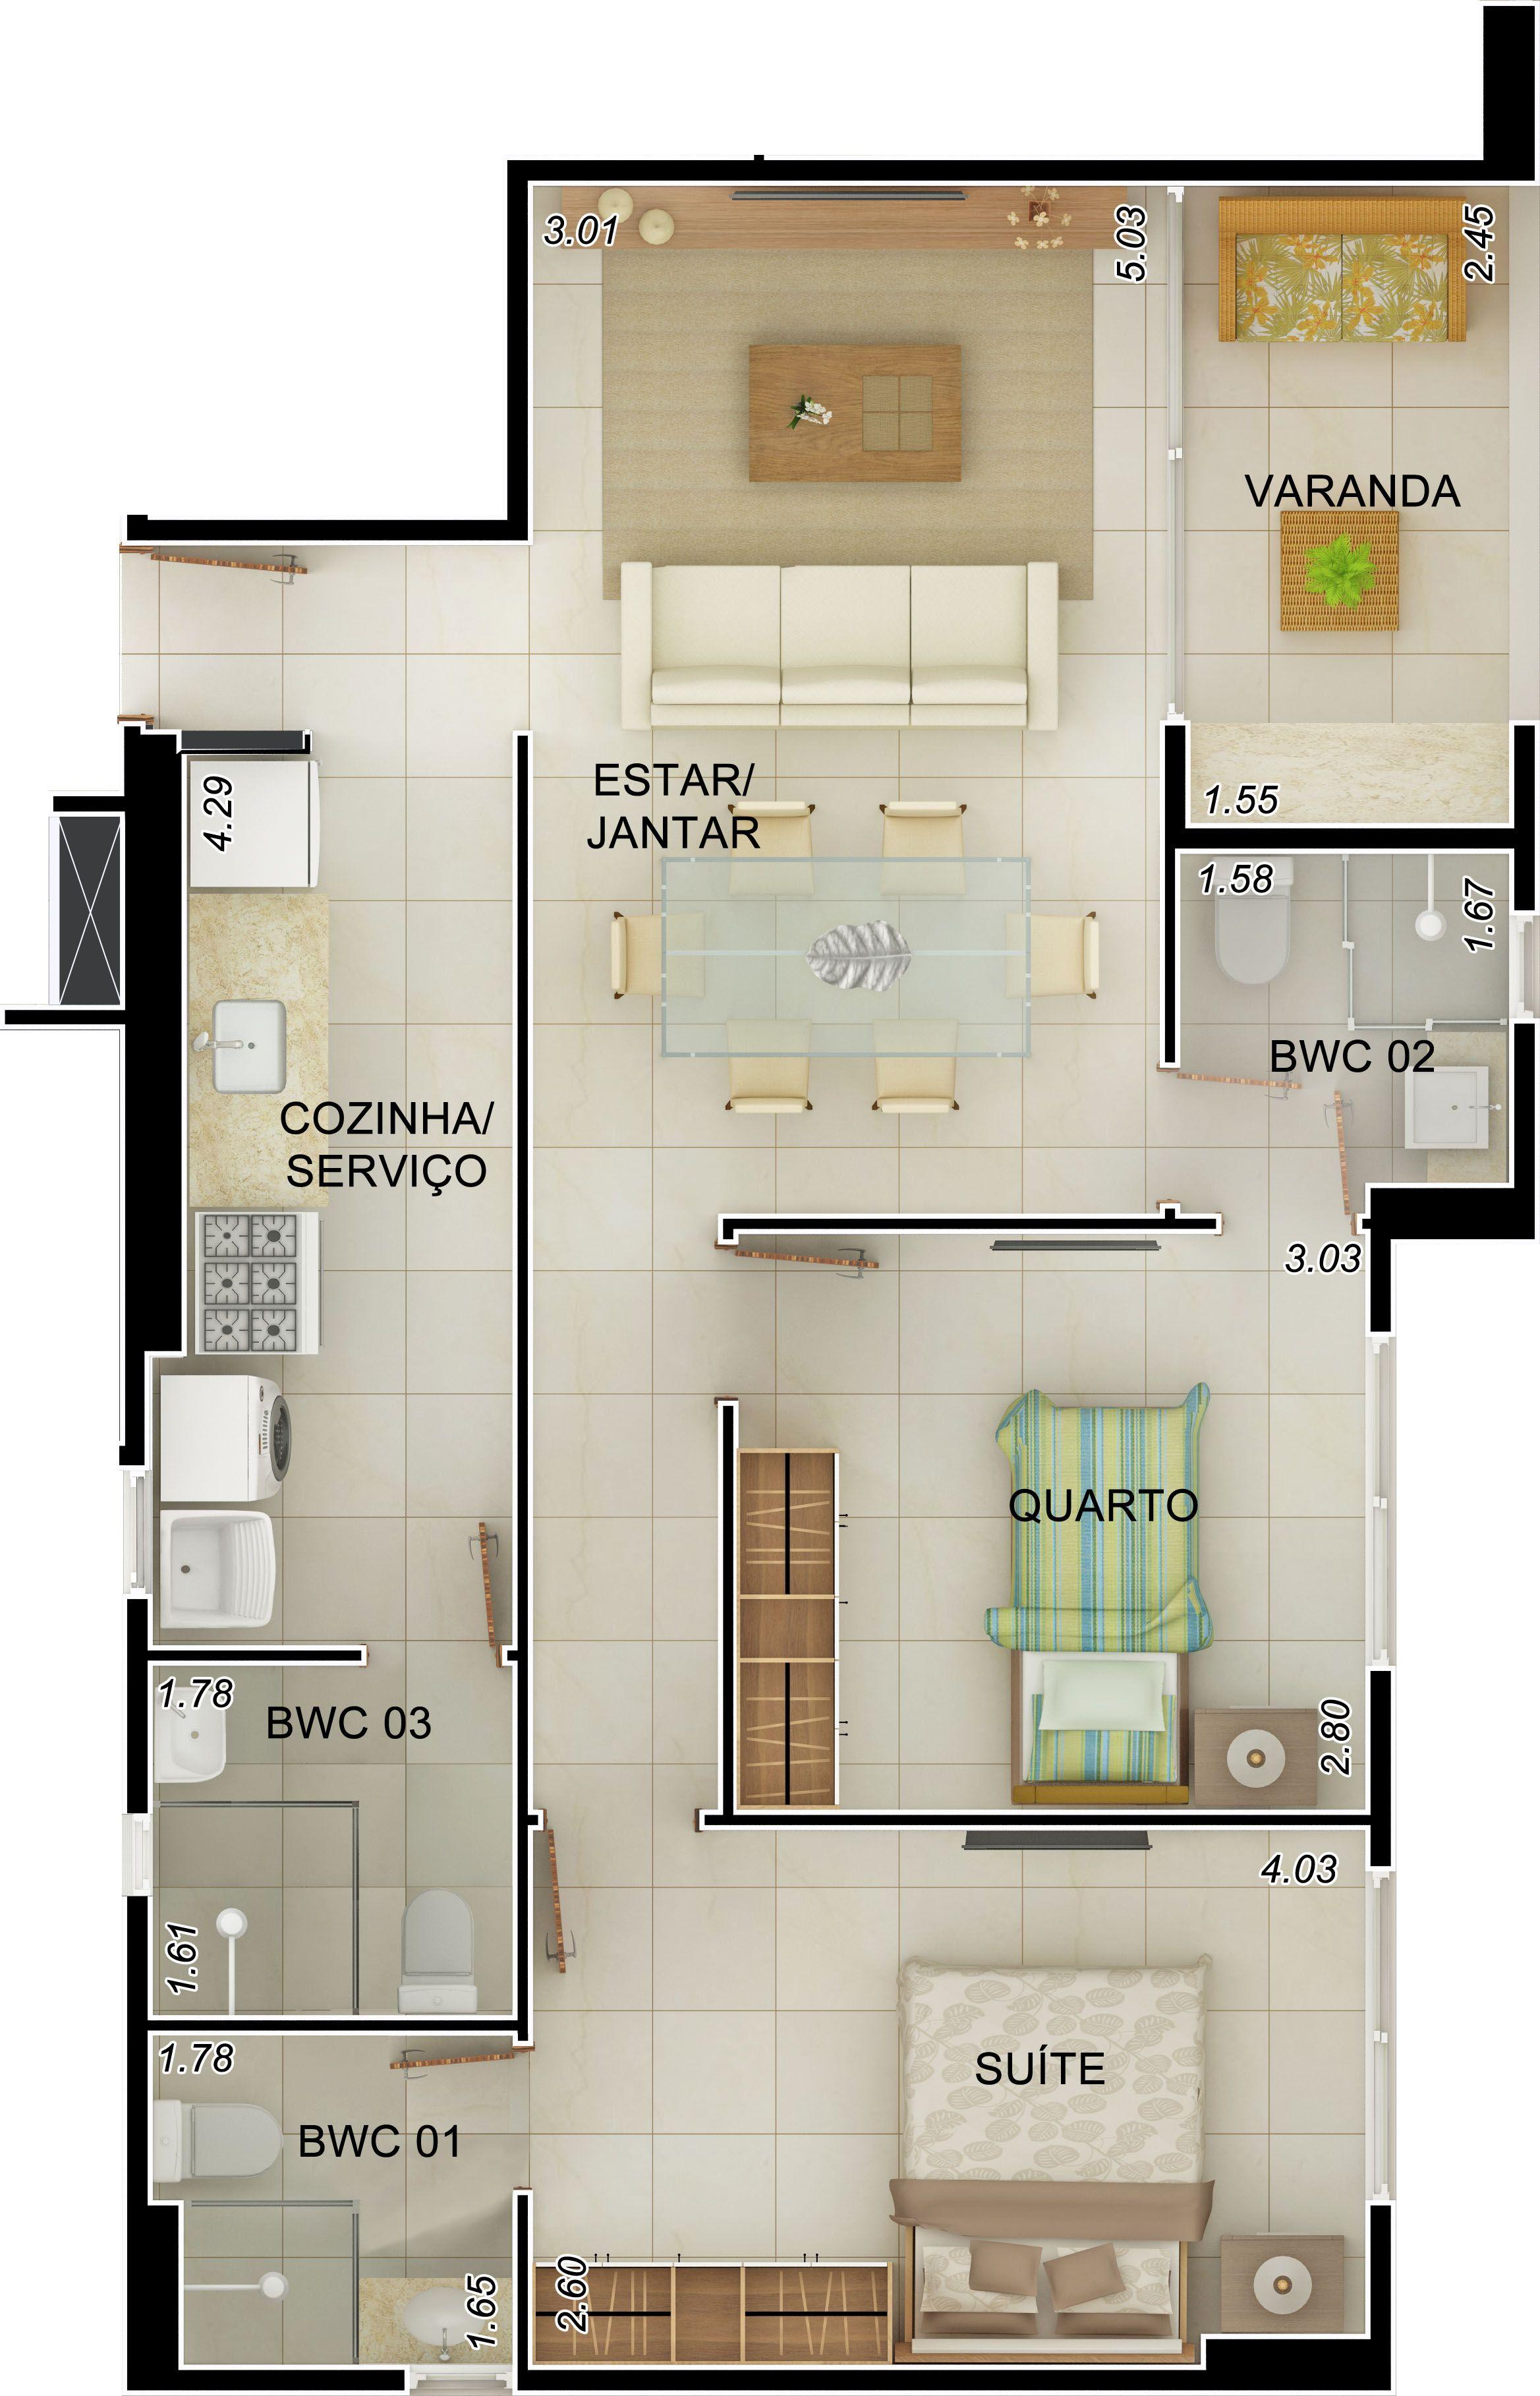 Projeto apartamento 90m2 pesquisa google plantas for Plano casa moderna 90m2